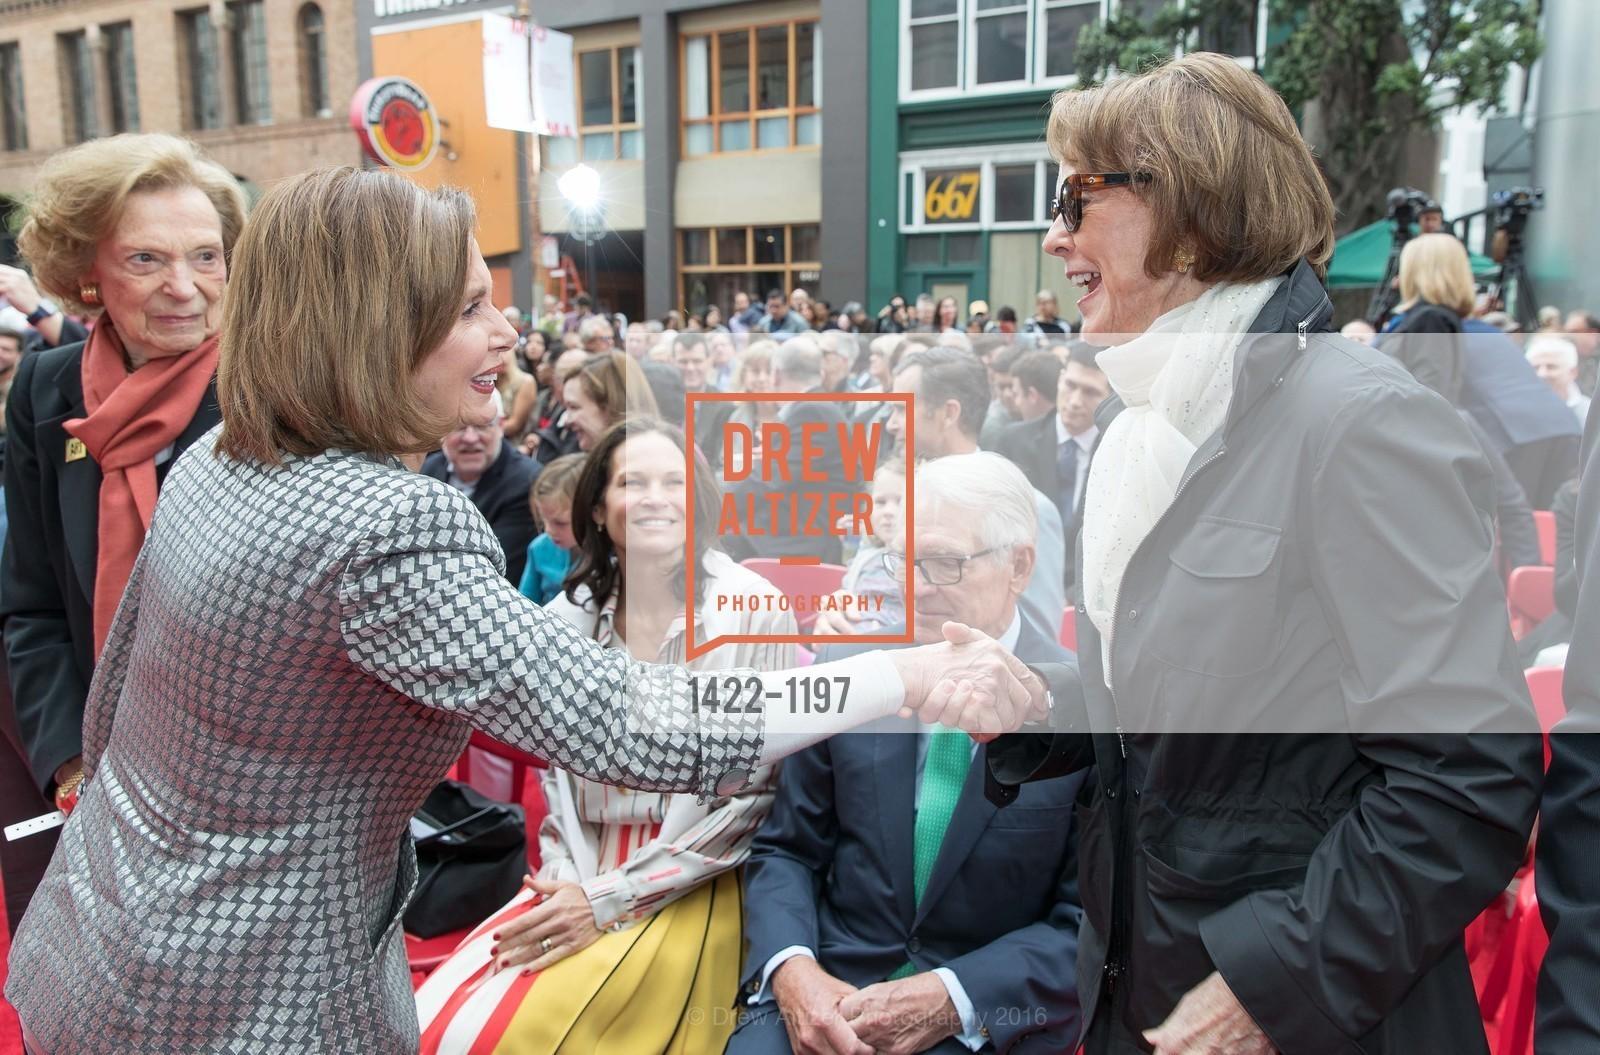 Nancy Pelosi, Charles Schwab, Helen Schwab, Photo #1422-1197